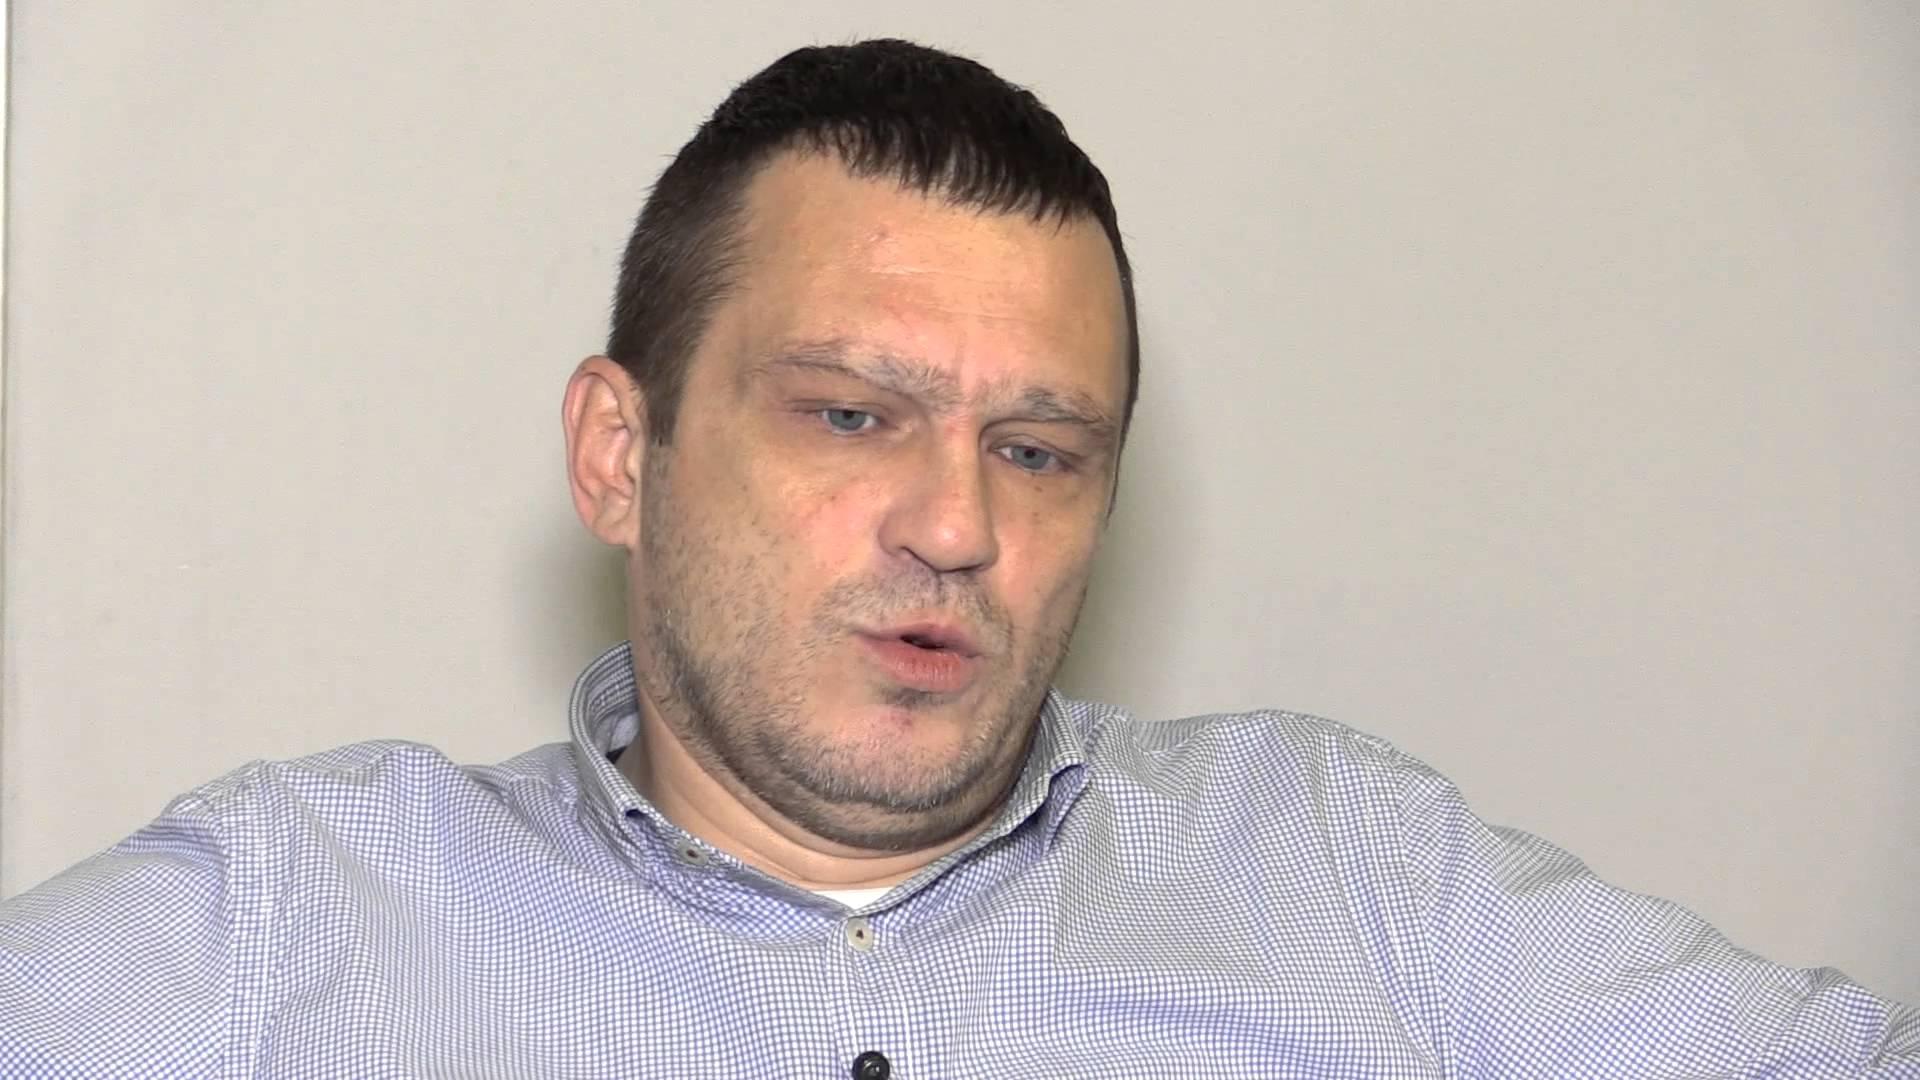 Увлекающийся «правосек»: Кем был школьник, в убийстве которого обвиняют ополченца с позывным «Керчь»